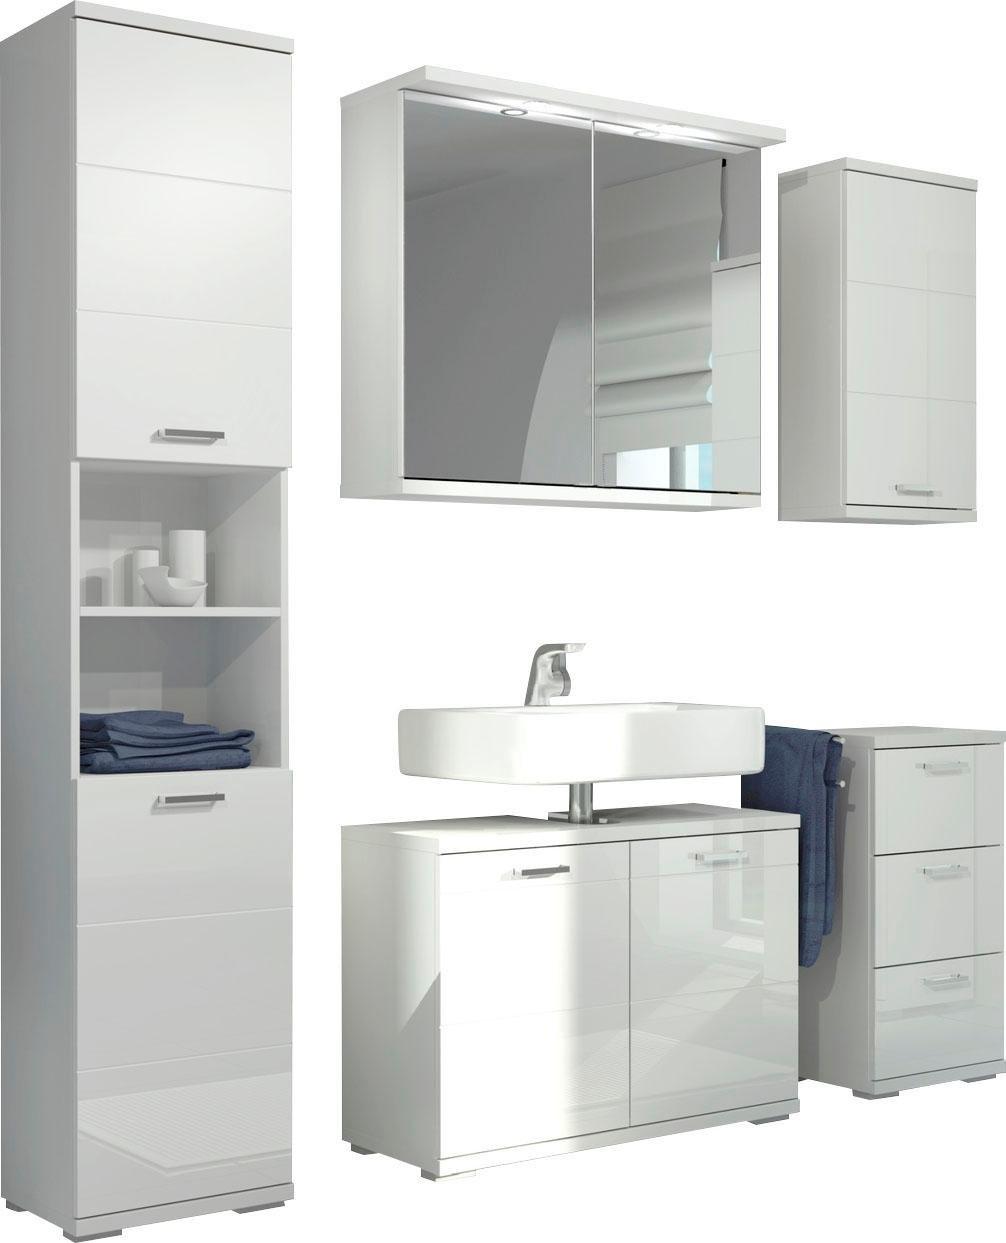 Homexperts badkamerserie Nusa spiegelkast inclusief ledverlichting, hoge kast, wastafelonderkast, hangend kastje en onderkast, badkamerkast met metalen handgrepen en mdf-fronten in hoogglans-look (5 stuks) goedkoop op otto.nl kopen